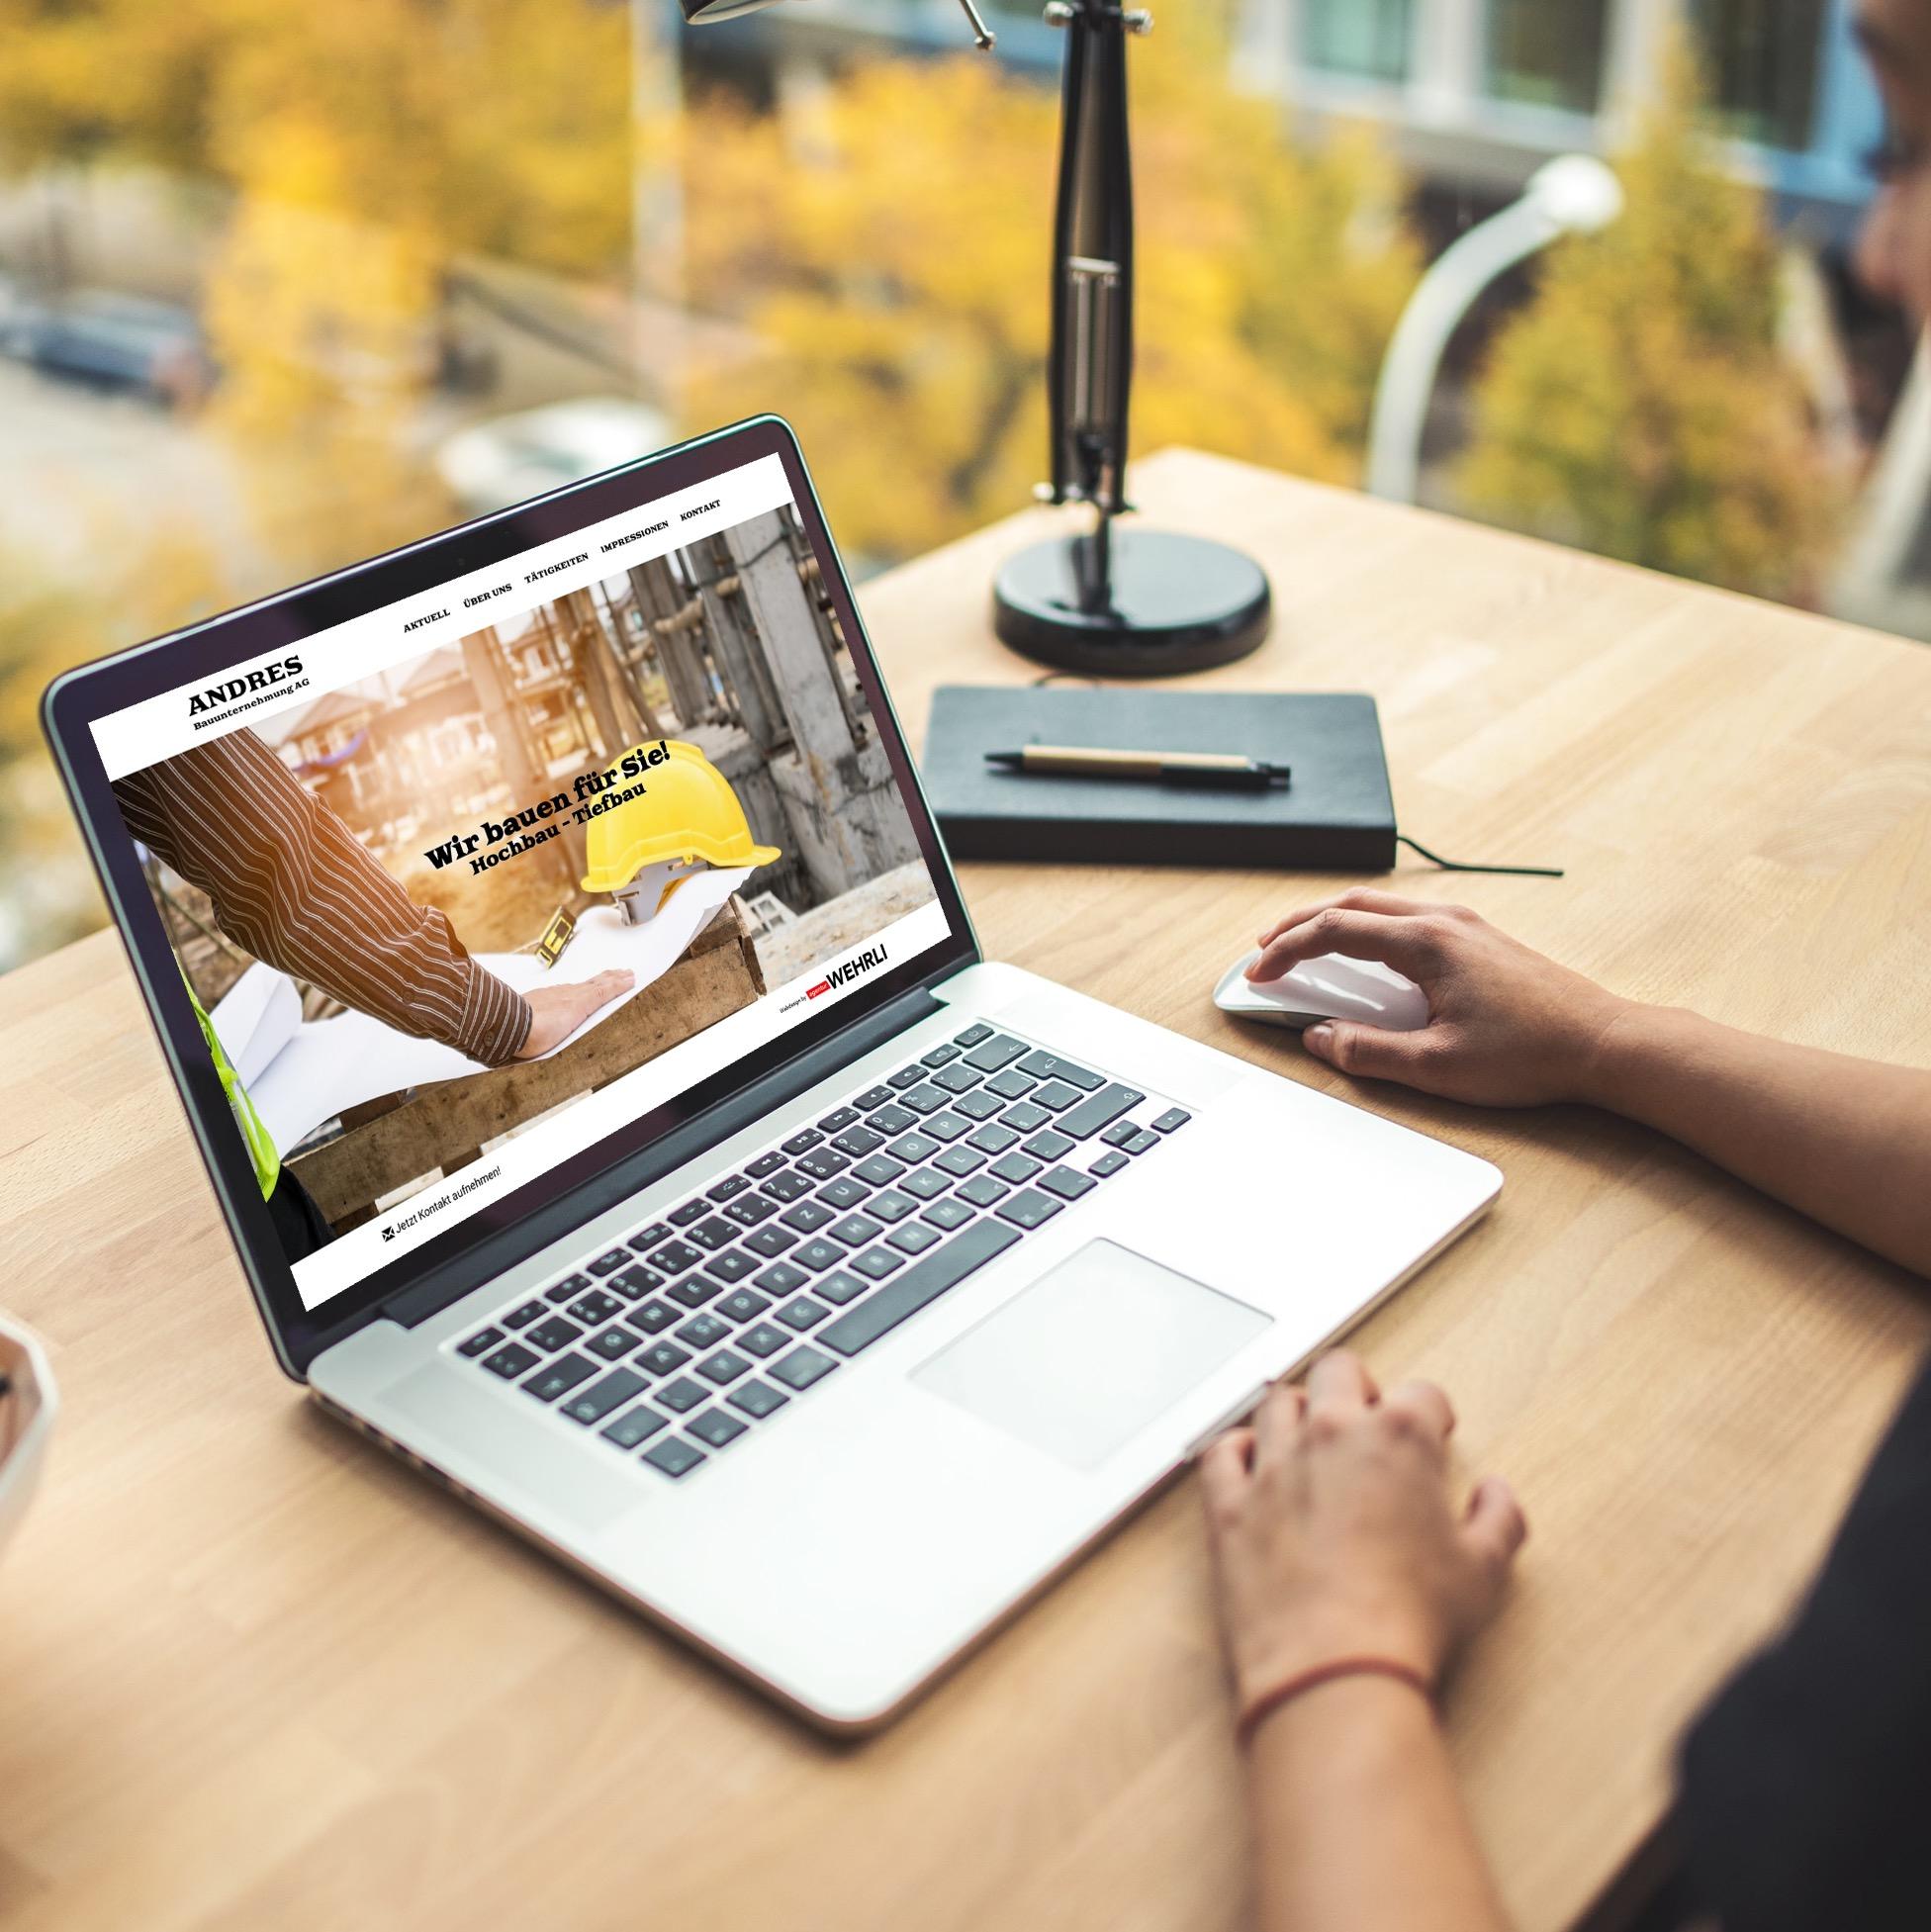 Webseite für Andres Bauunternehmung AG